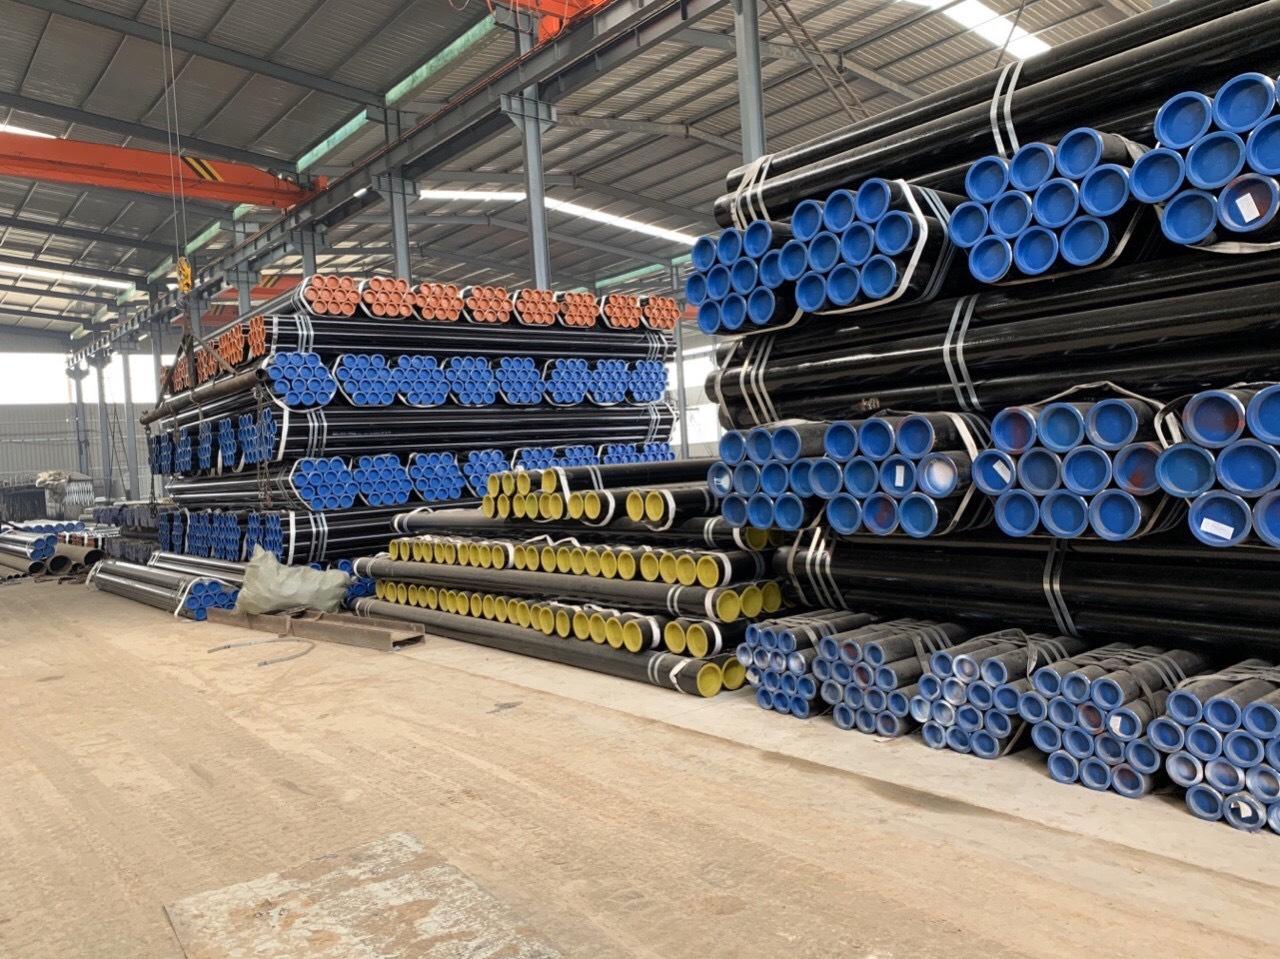 Cập nhật bảng báo giá sắt thép xây dựng tại Tphcm năm 2020